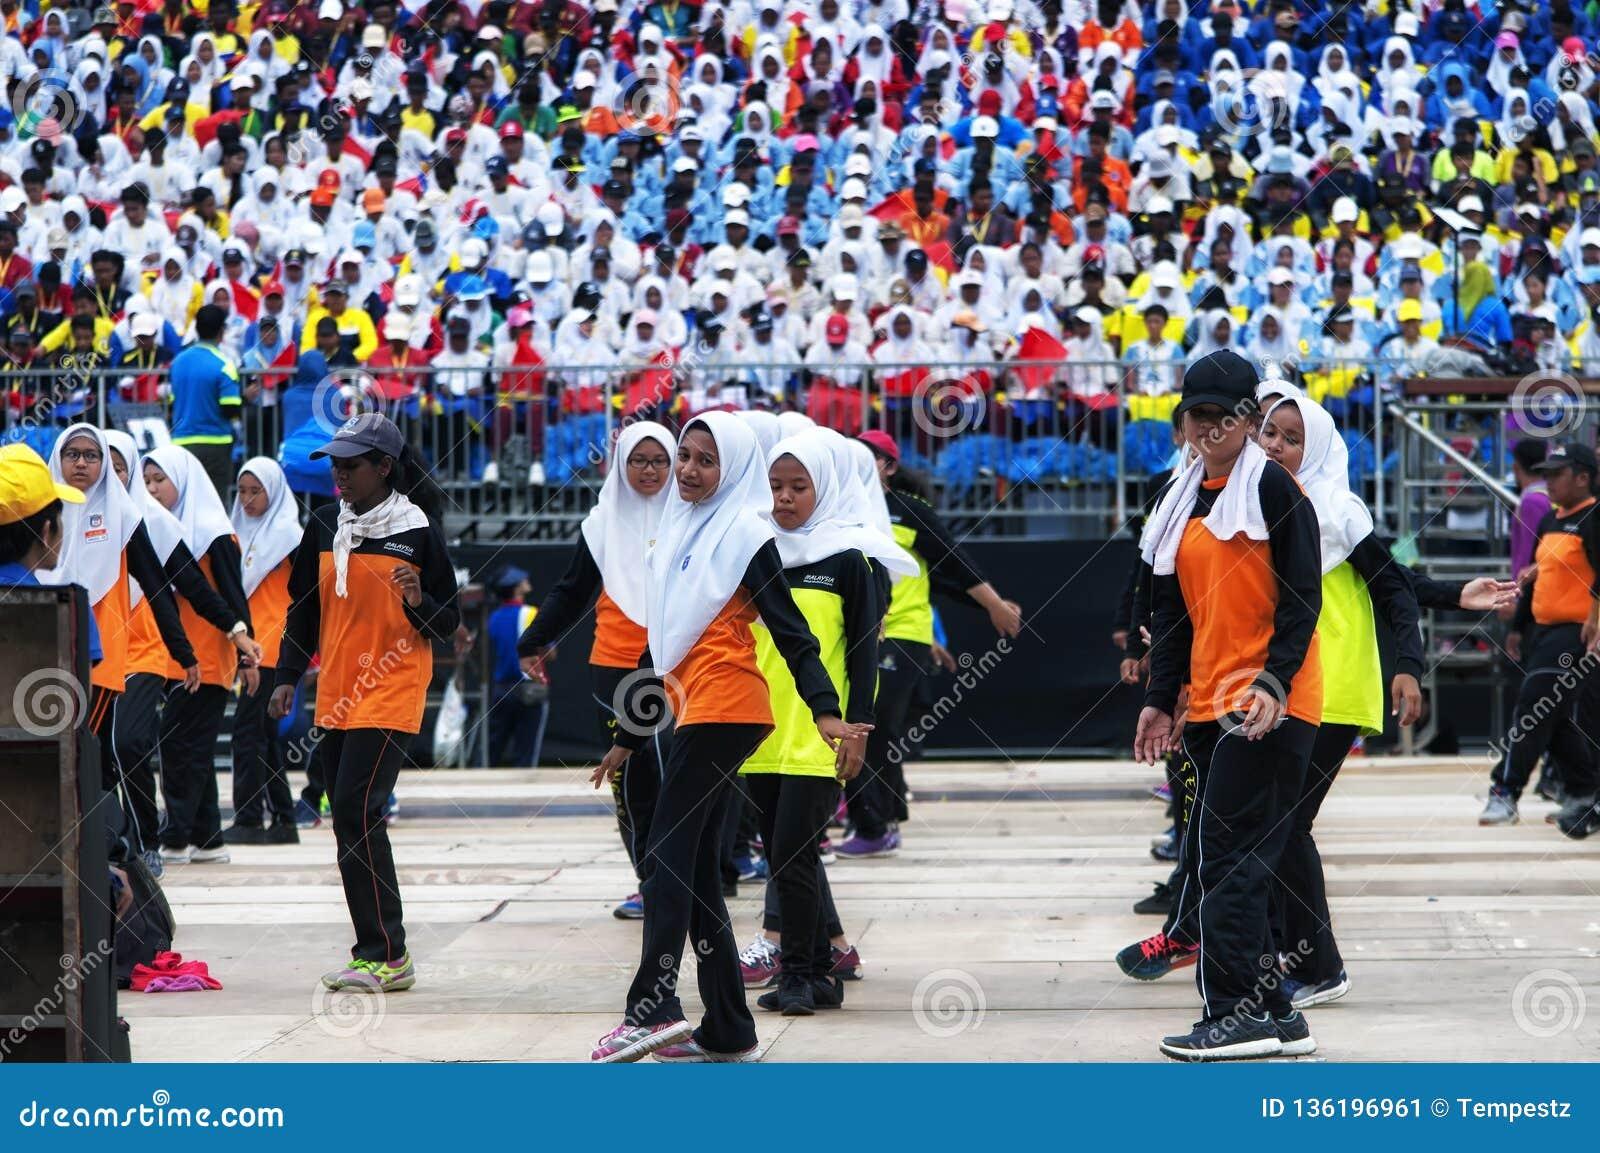 Malaysian students practicing for Hari Merdeka in Malaysia, Kuala Lumpur